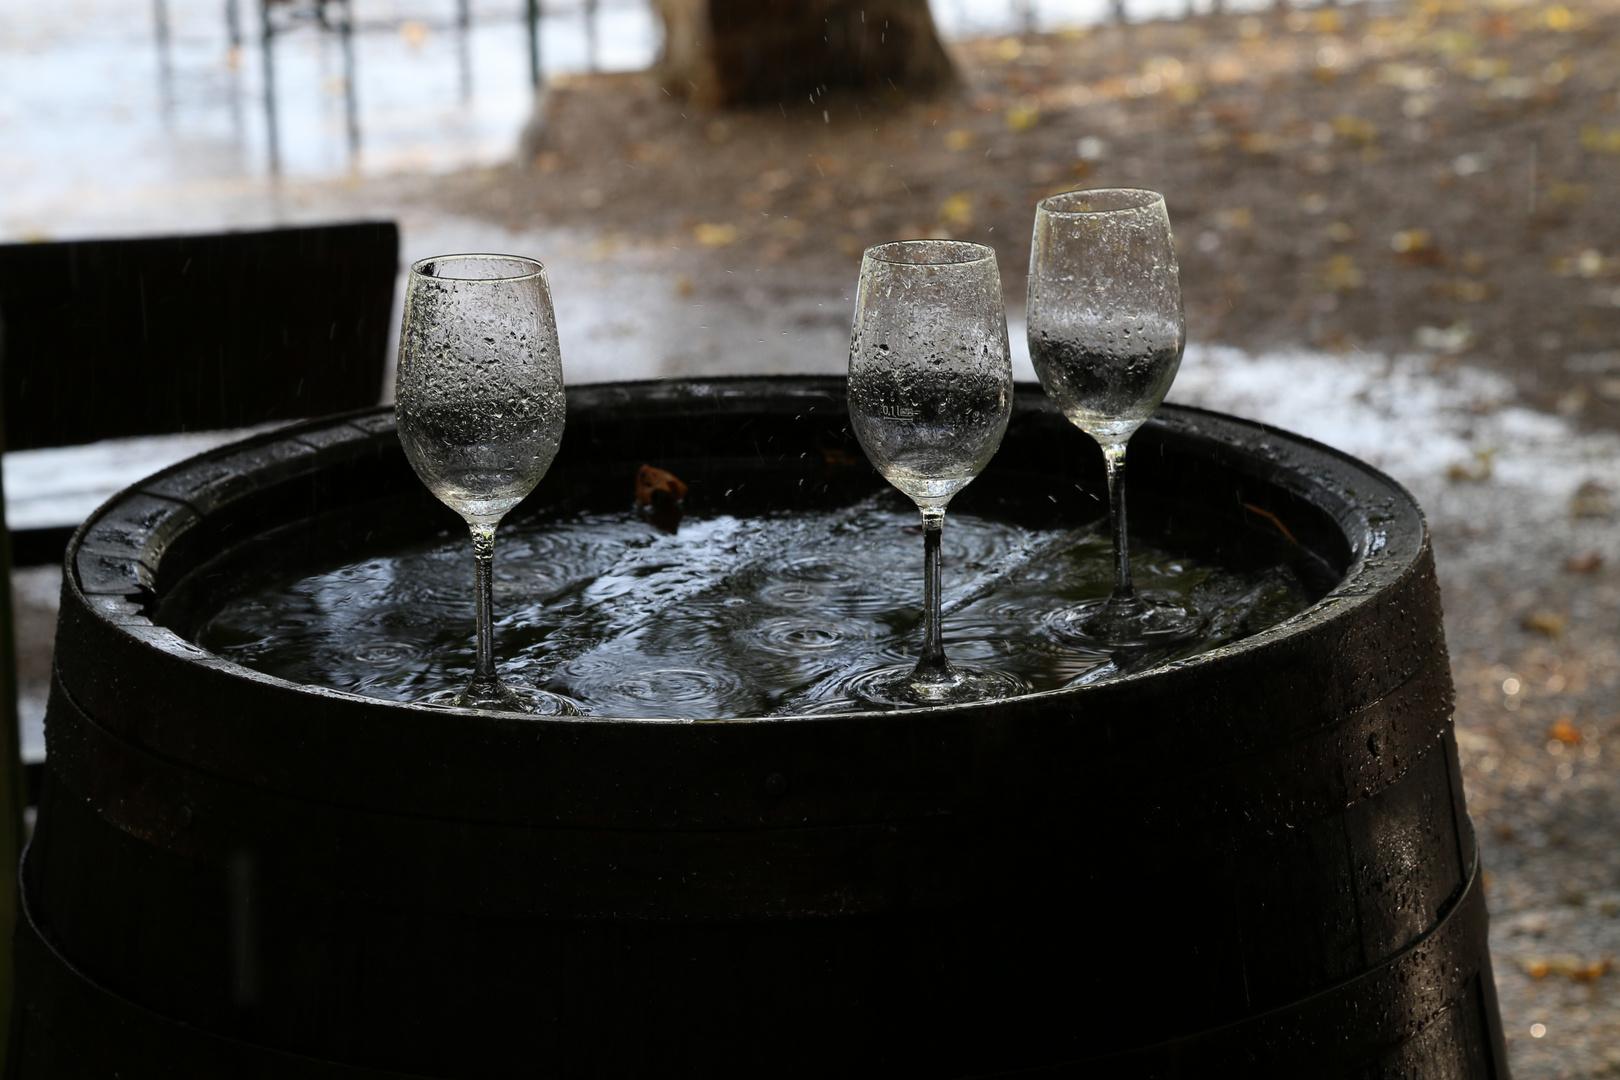 Weingläser im Regen - Rheingau, Hattenheim